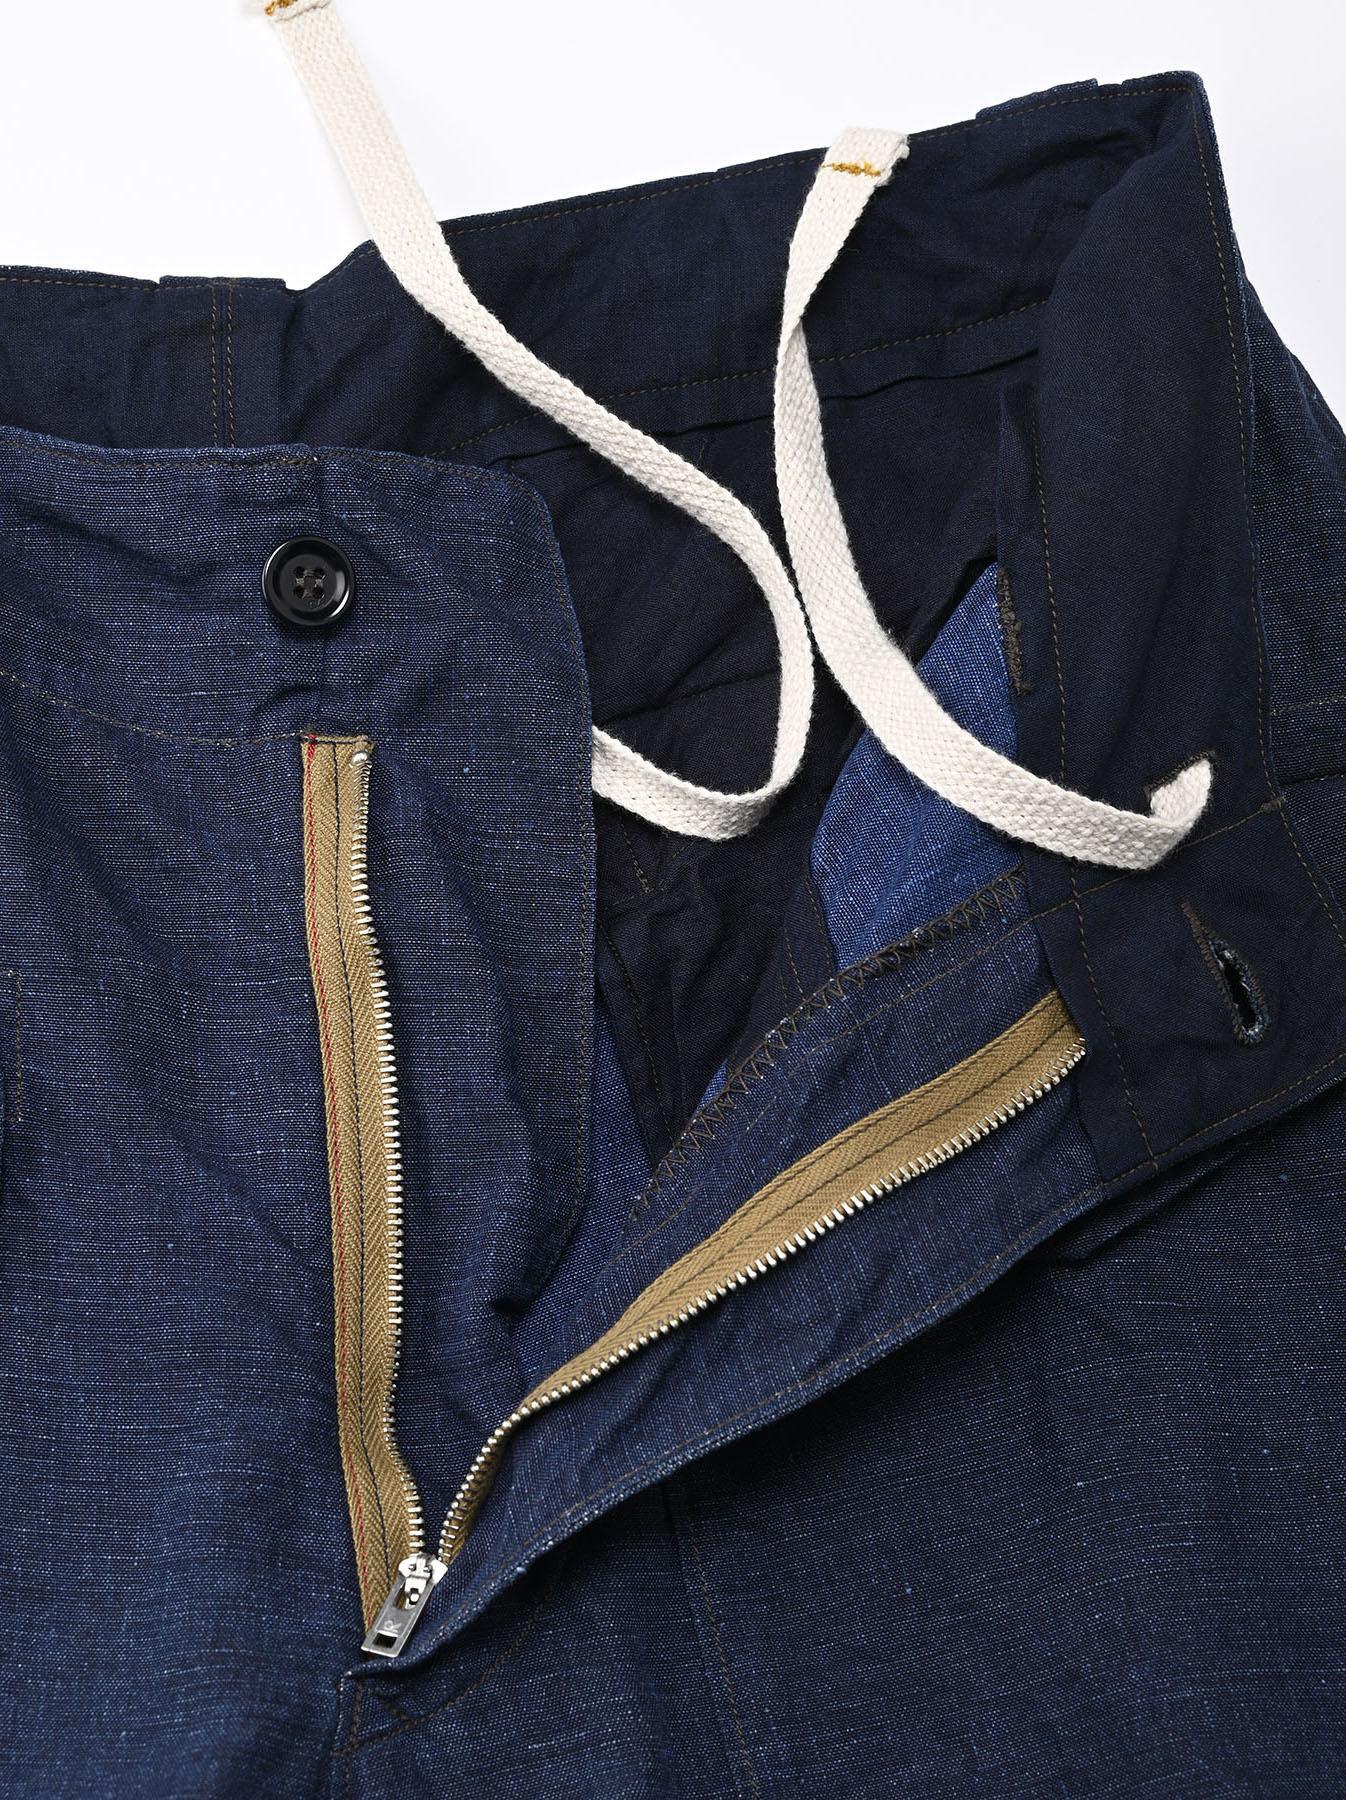 Indigo Nou Linen 908 Easy Sail Pants (0721)-6